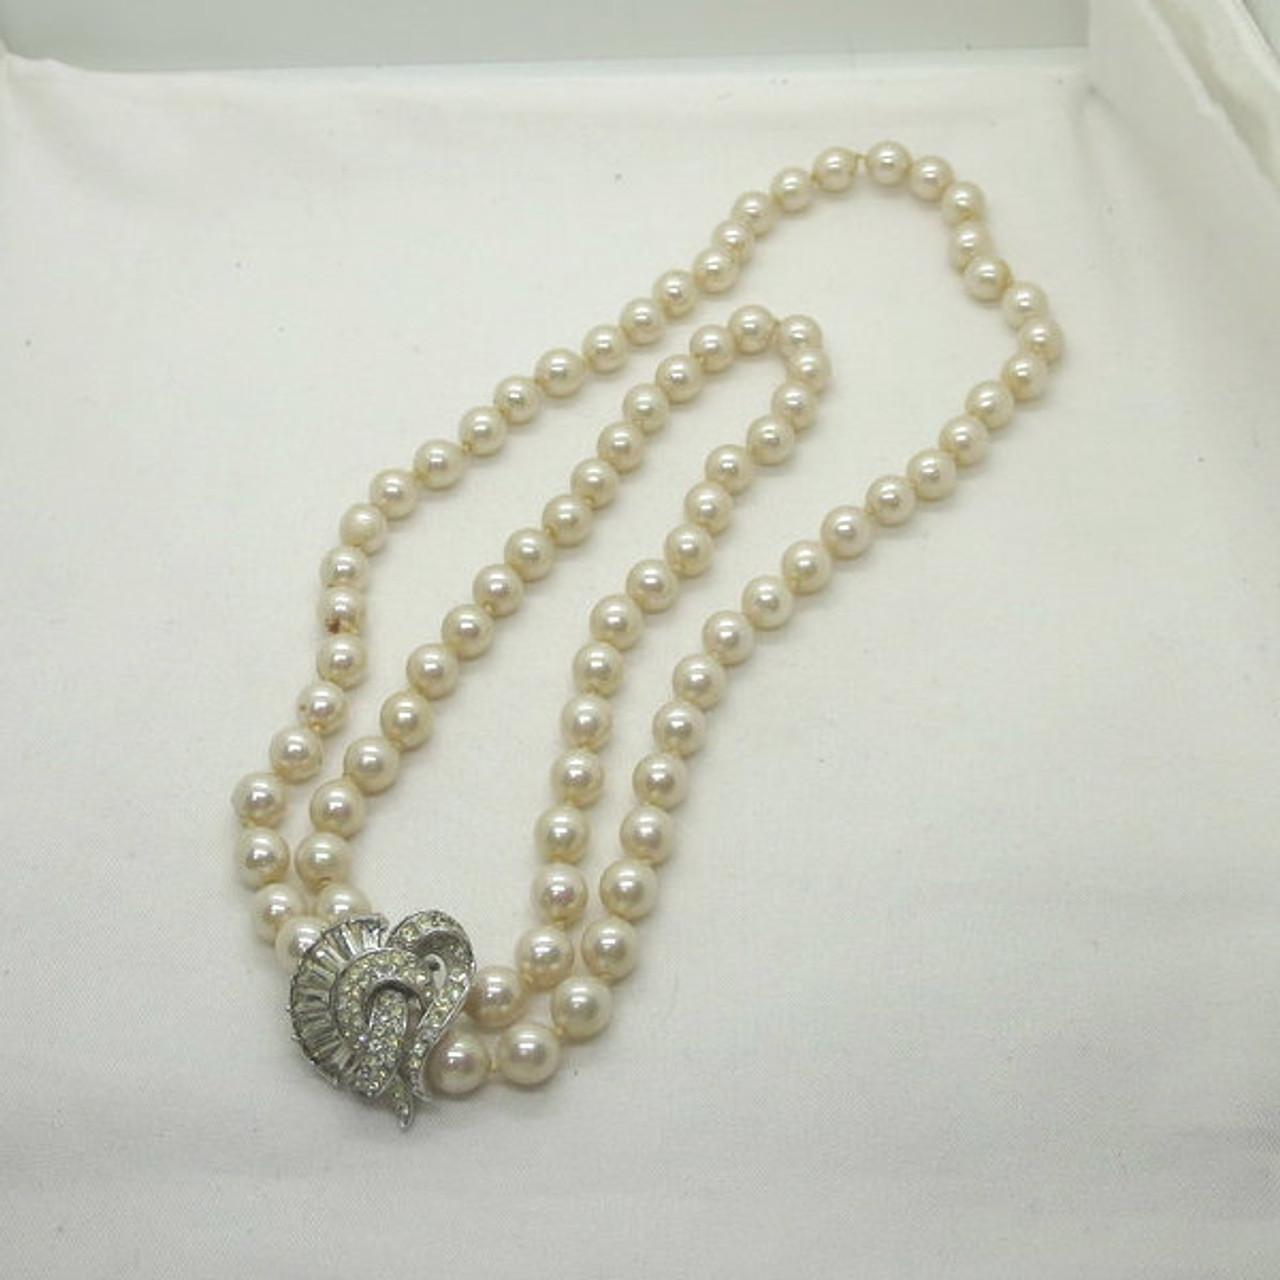 36cd42069ff5d Vintage Vendome Versatile Single or Double Strand Faux Pearl Necklace